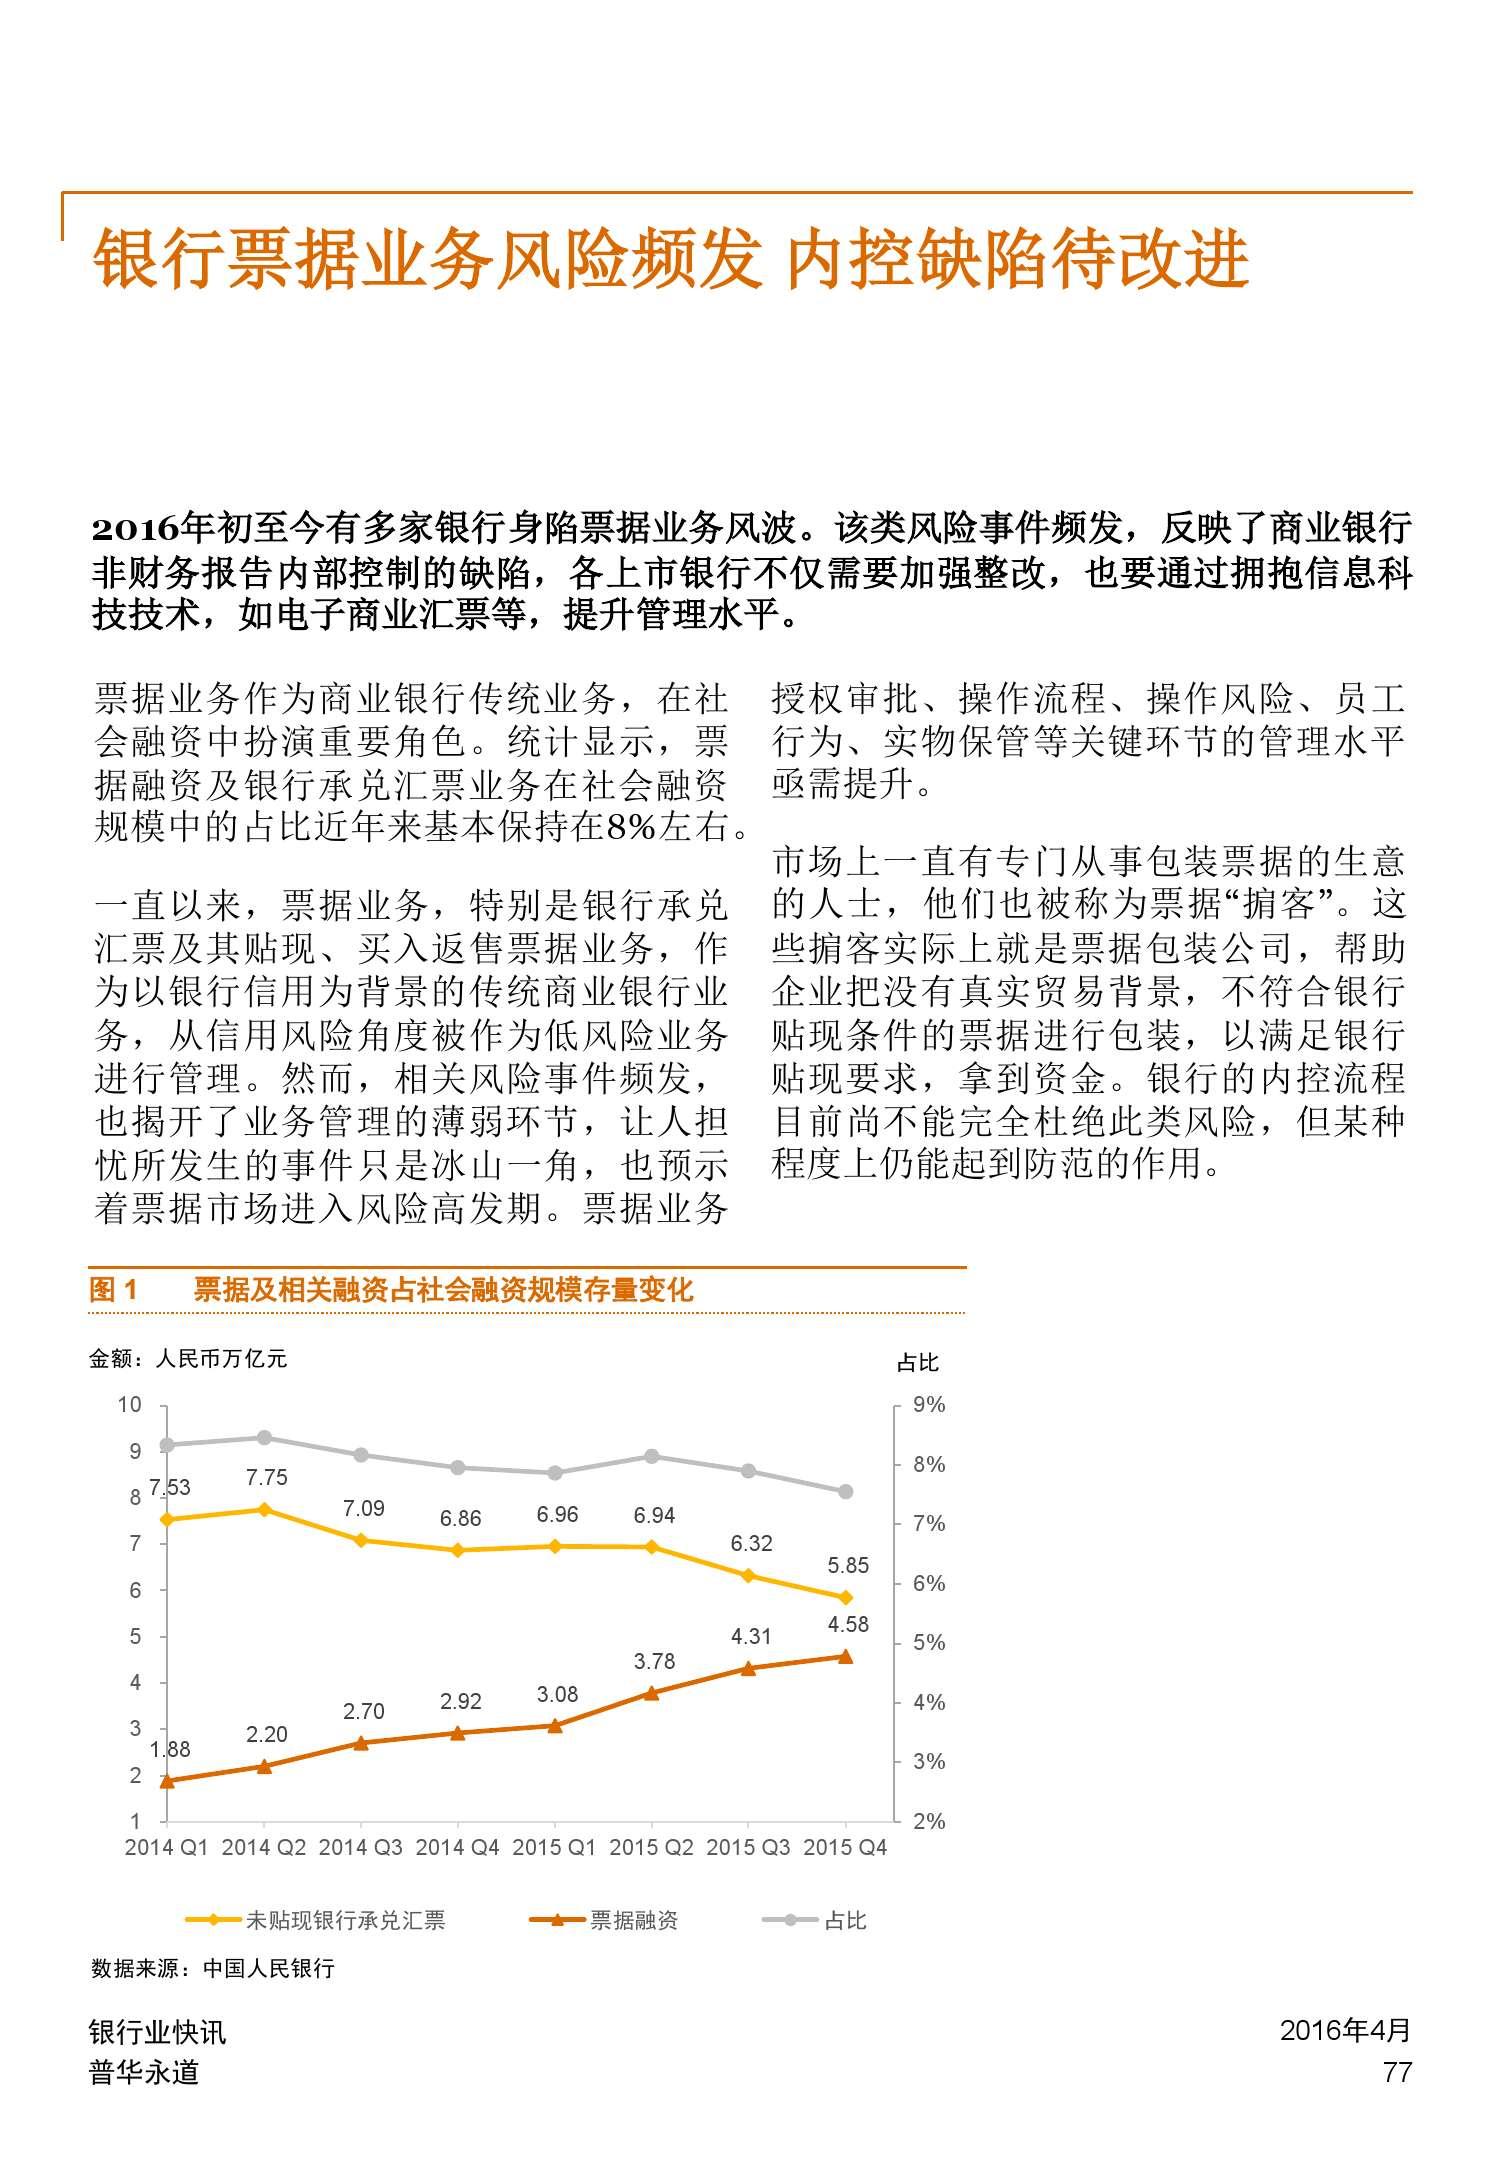 普华永道:2015年中国银行业回顾与展望_000077